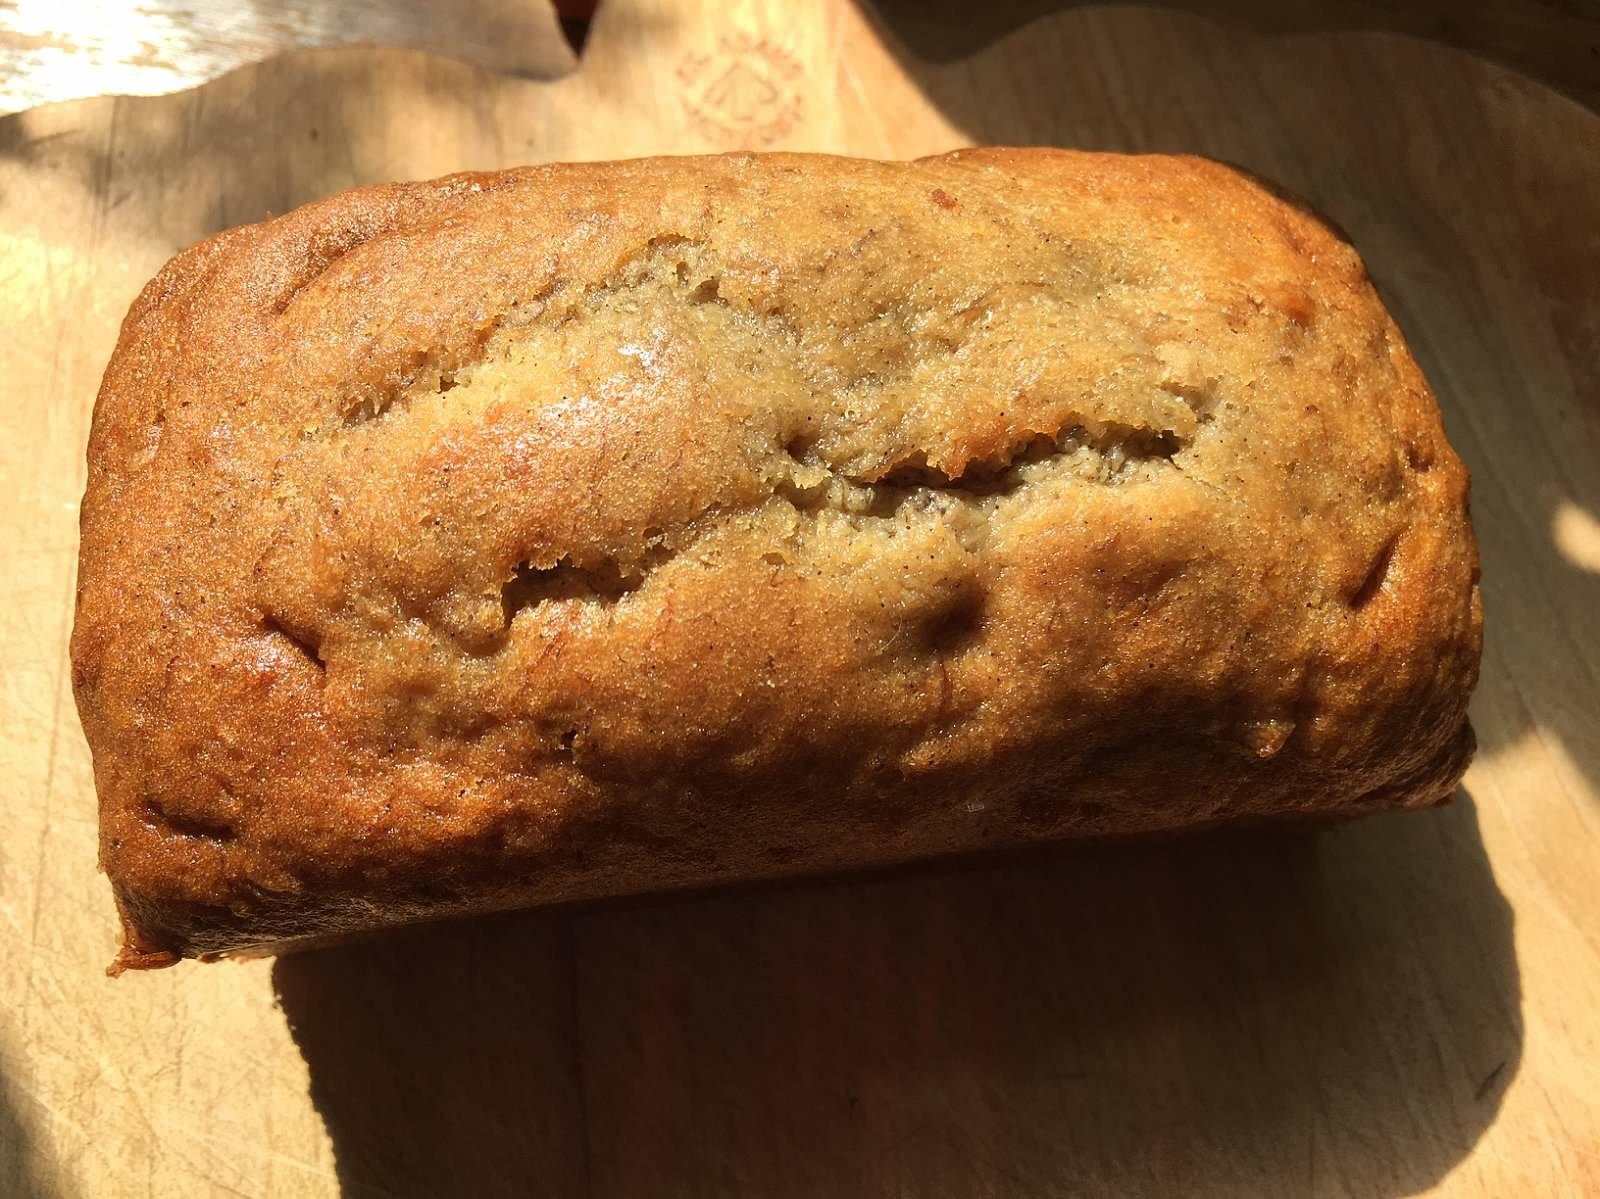 Cinnamon Brown Sugar Banana Bread (No Nuts)